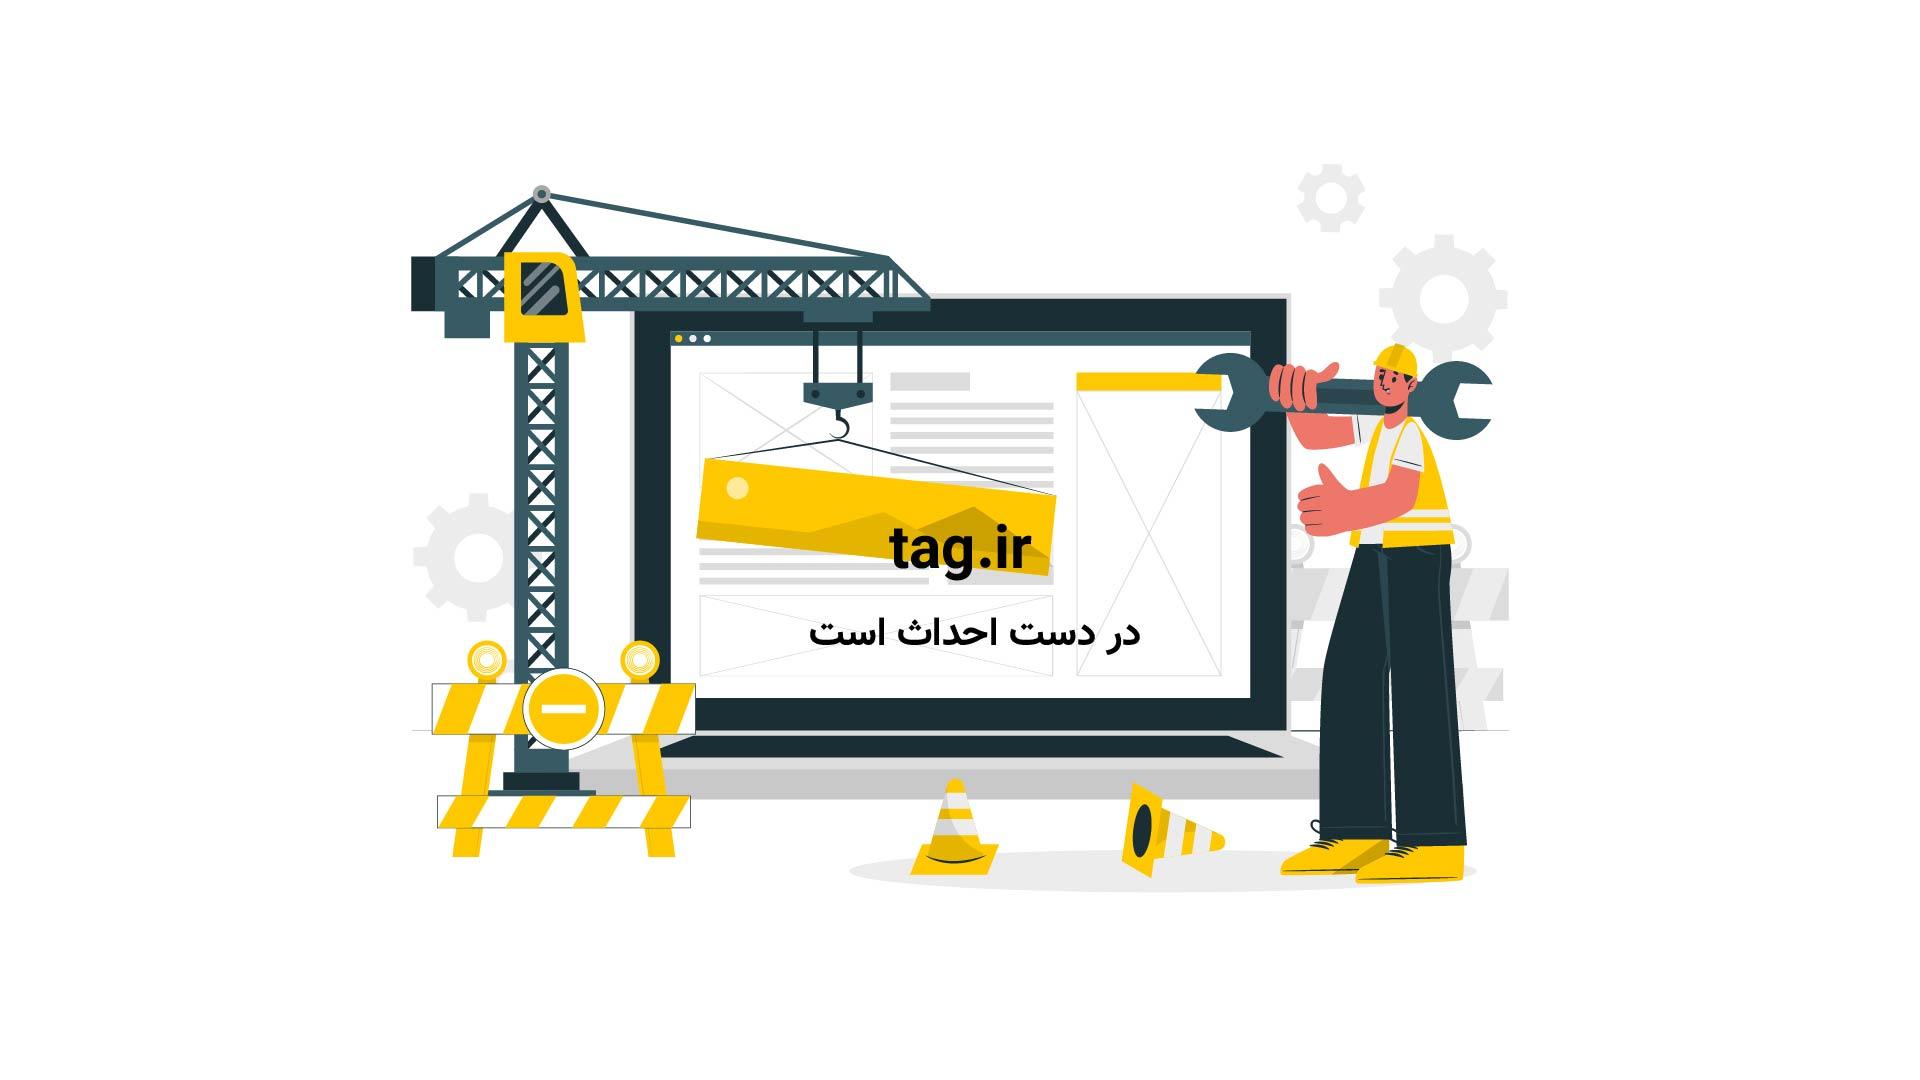 آخرین تمرین تیم ملی فوتبال ایران پیش از دیدار با بولیوی   فیلم